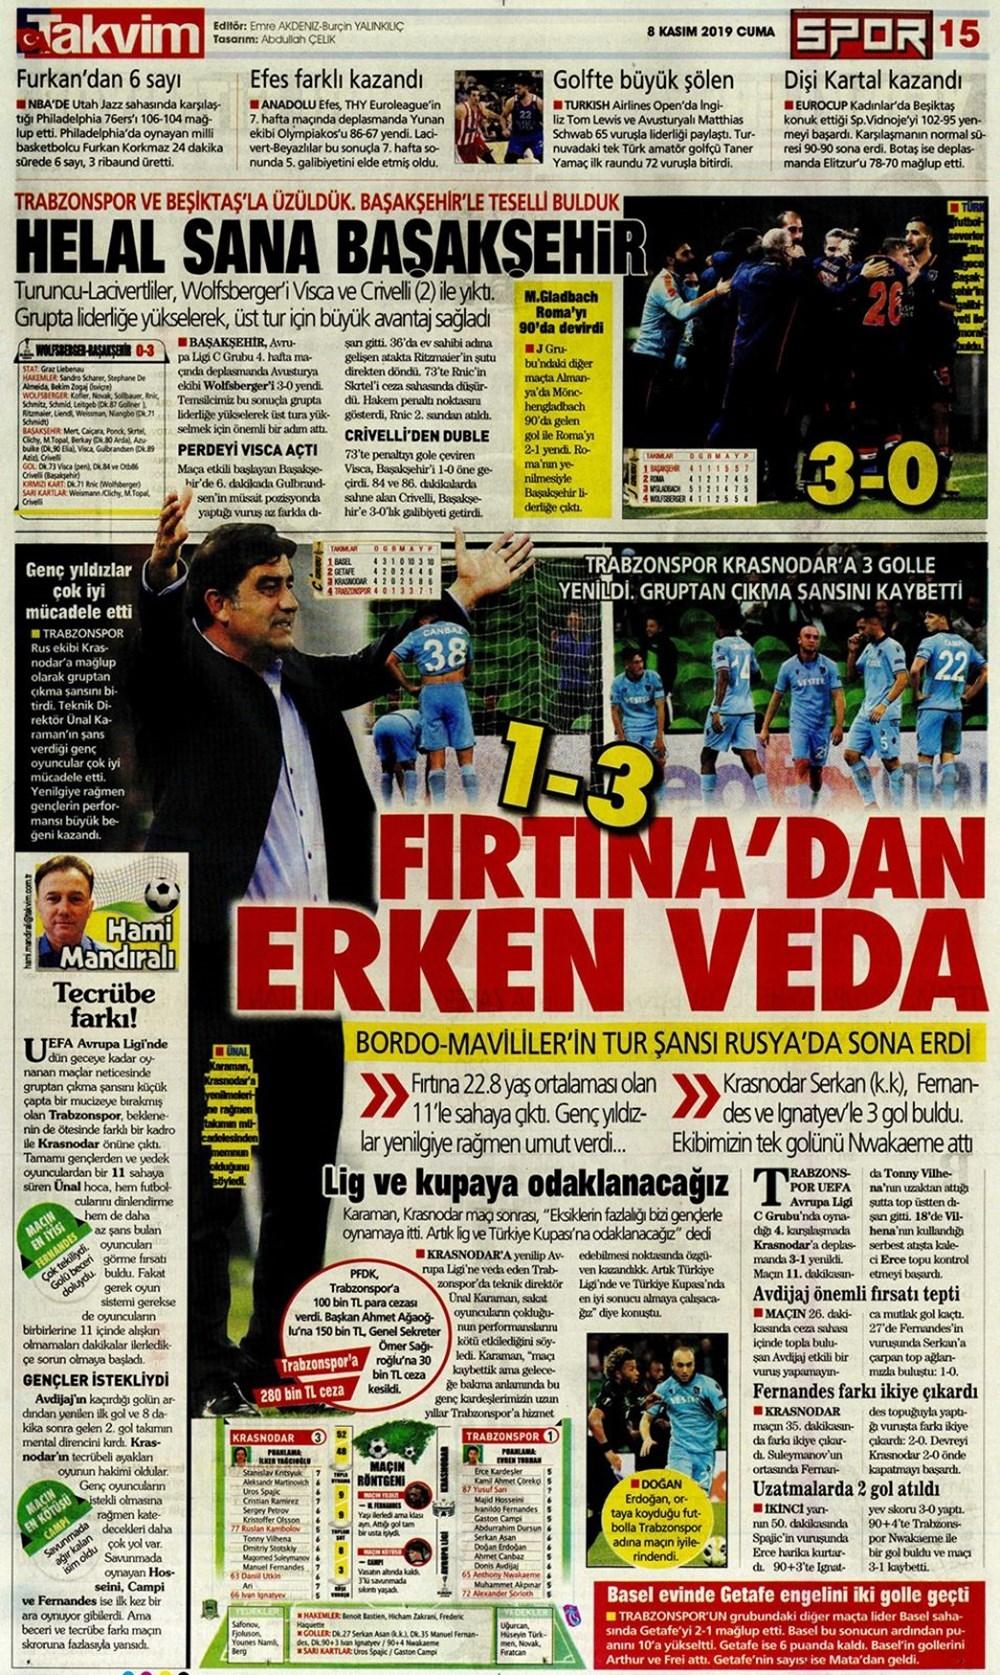 """Günün spor manşetleri (8 Kasım 2019) """"Galatasaray S.O.S veriyor&quo 1"""